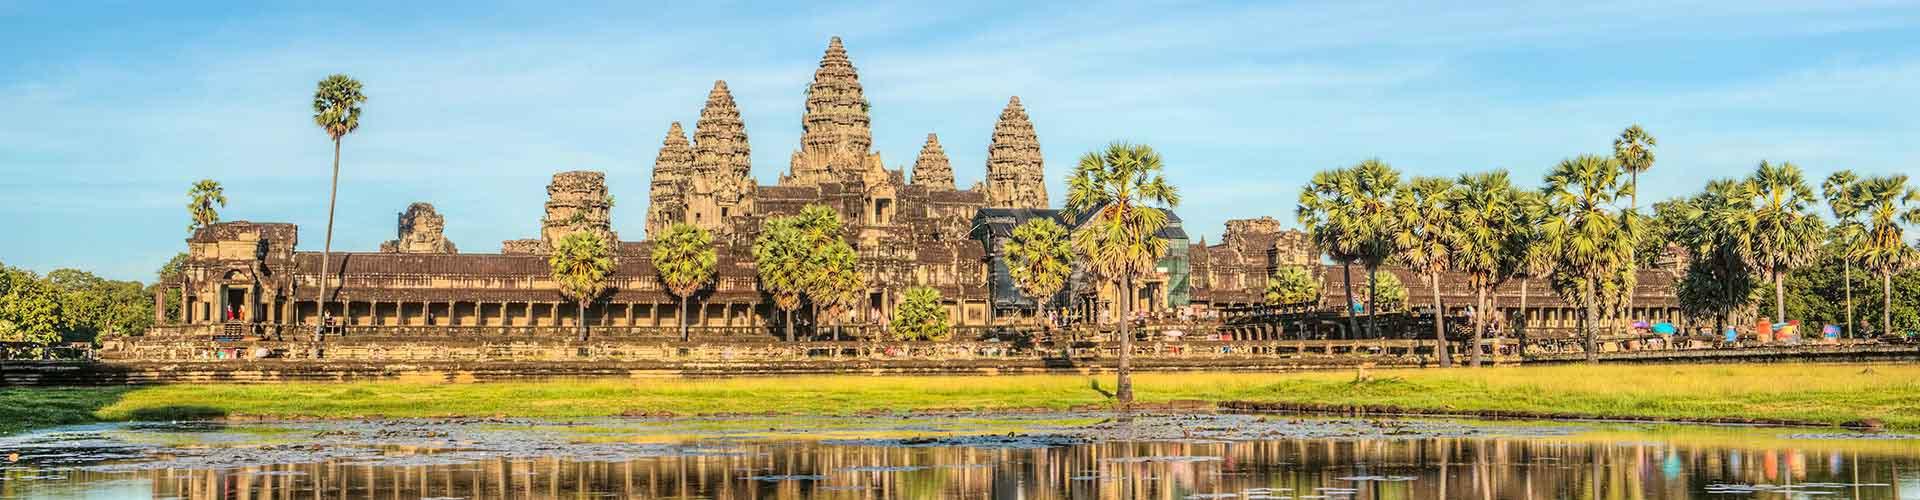 Siem Reap - Hostele w mieście: Siem Reap, Mapy: Siem Reap, Zdjęcia i Recenzje dla każdego hostelu w mieście Siem Reap.